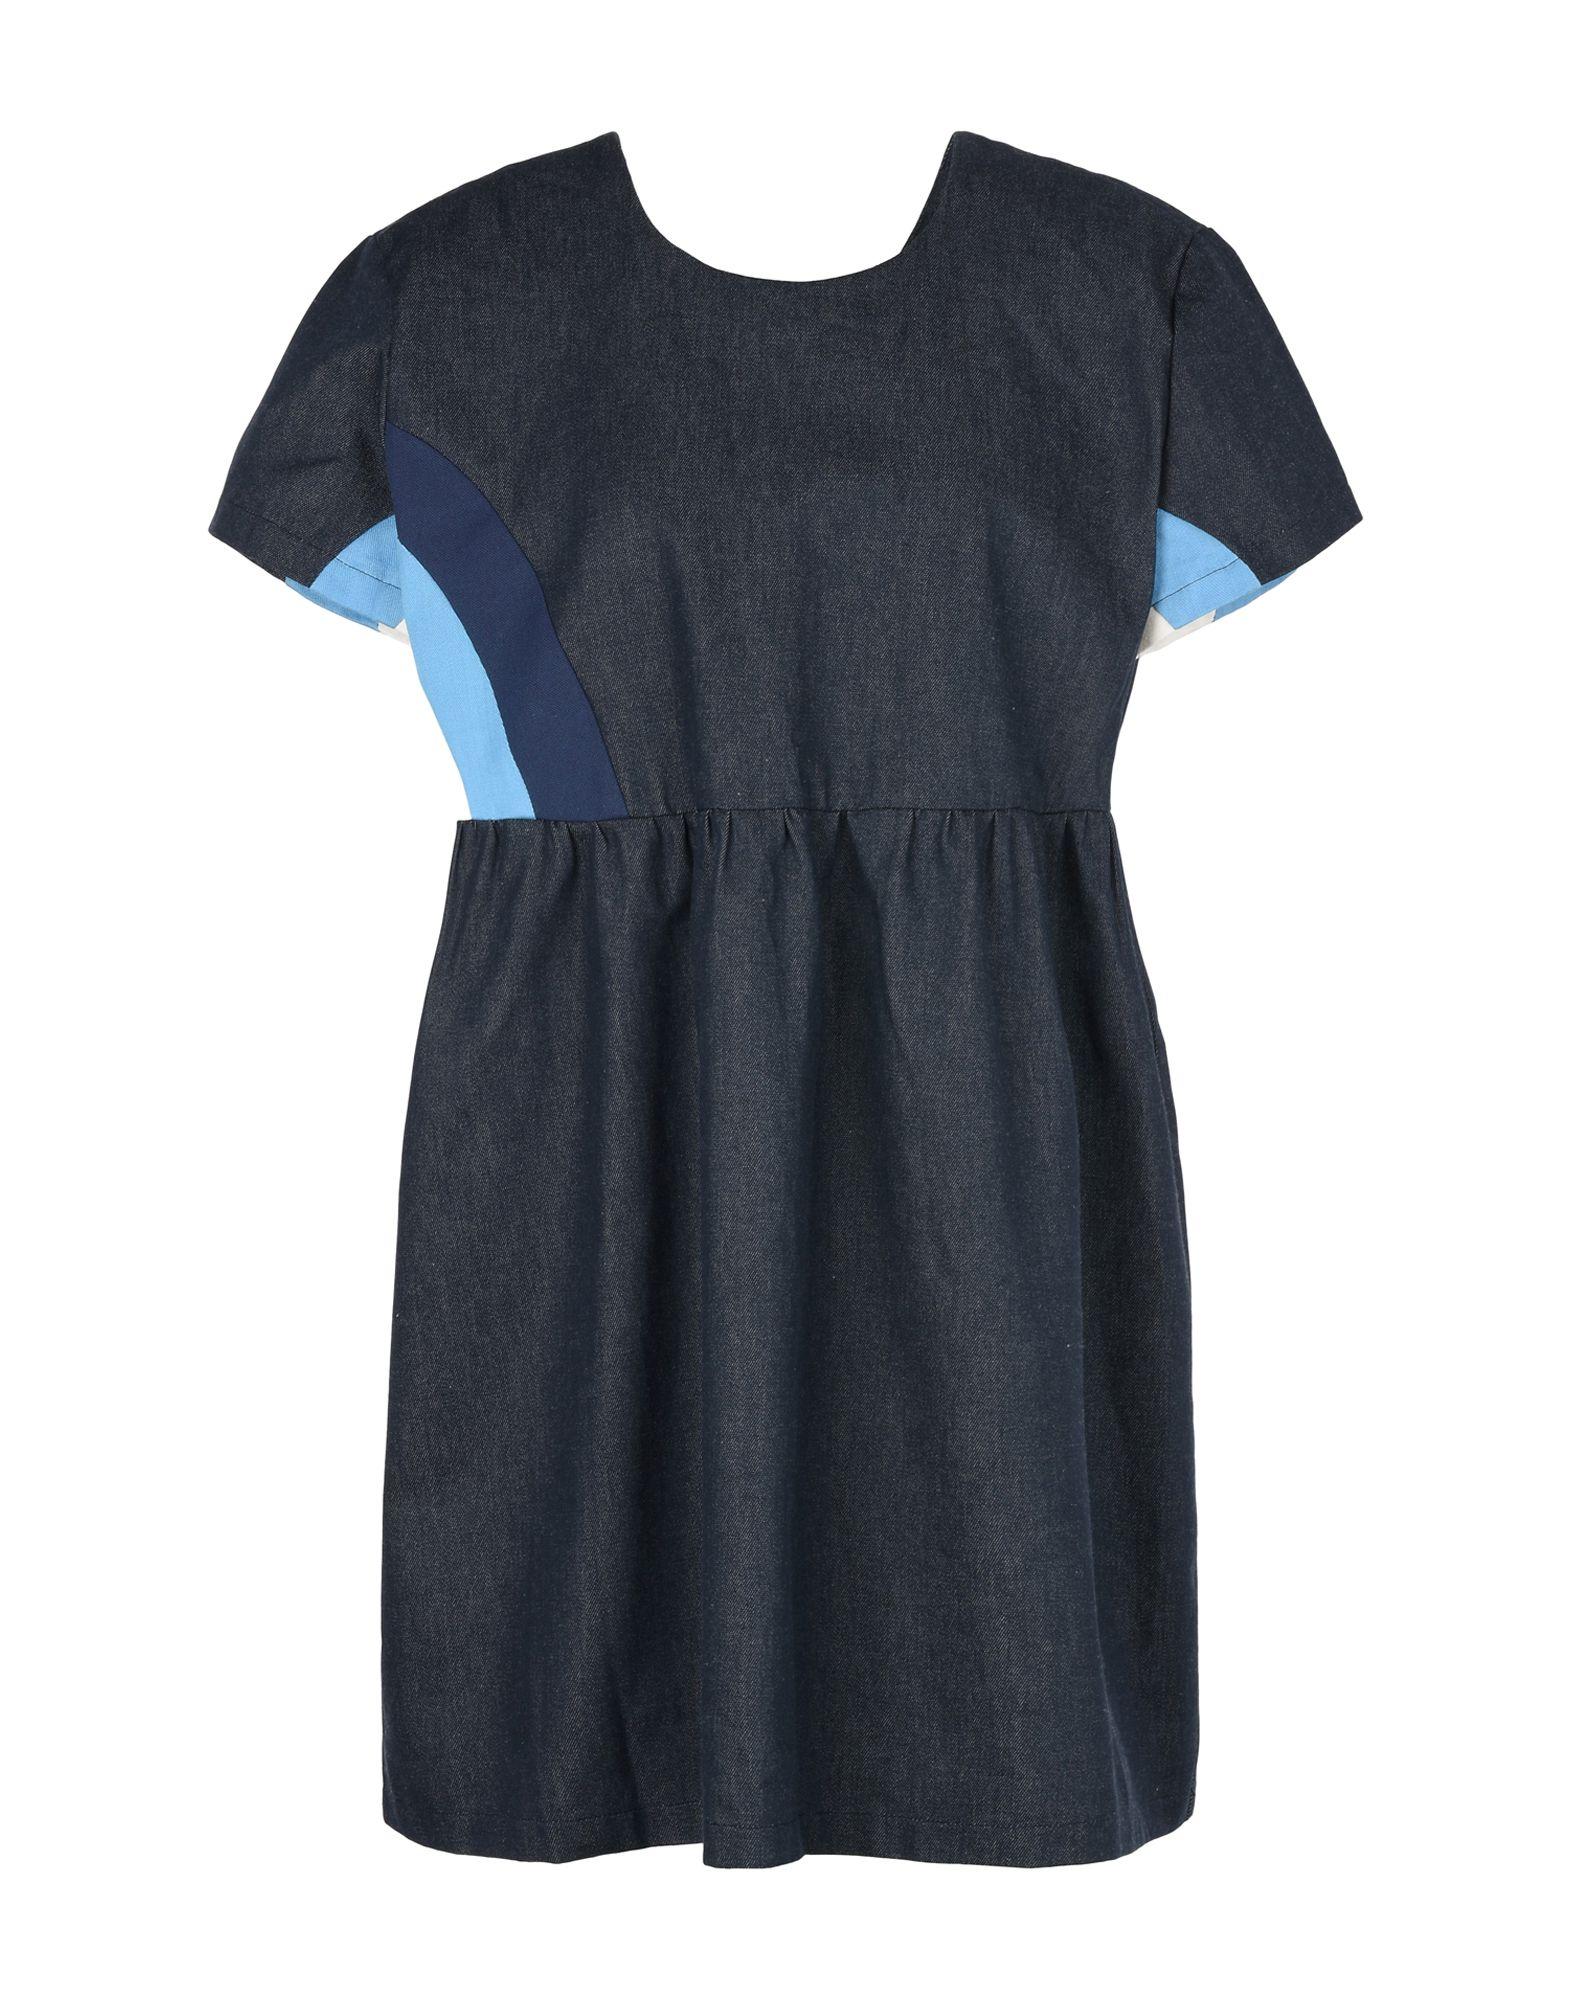 Фото - RIYKA Короткое платье riyka топ без рукавов